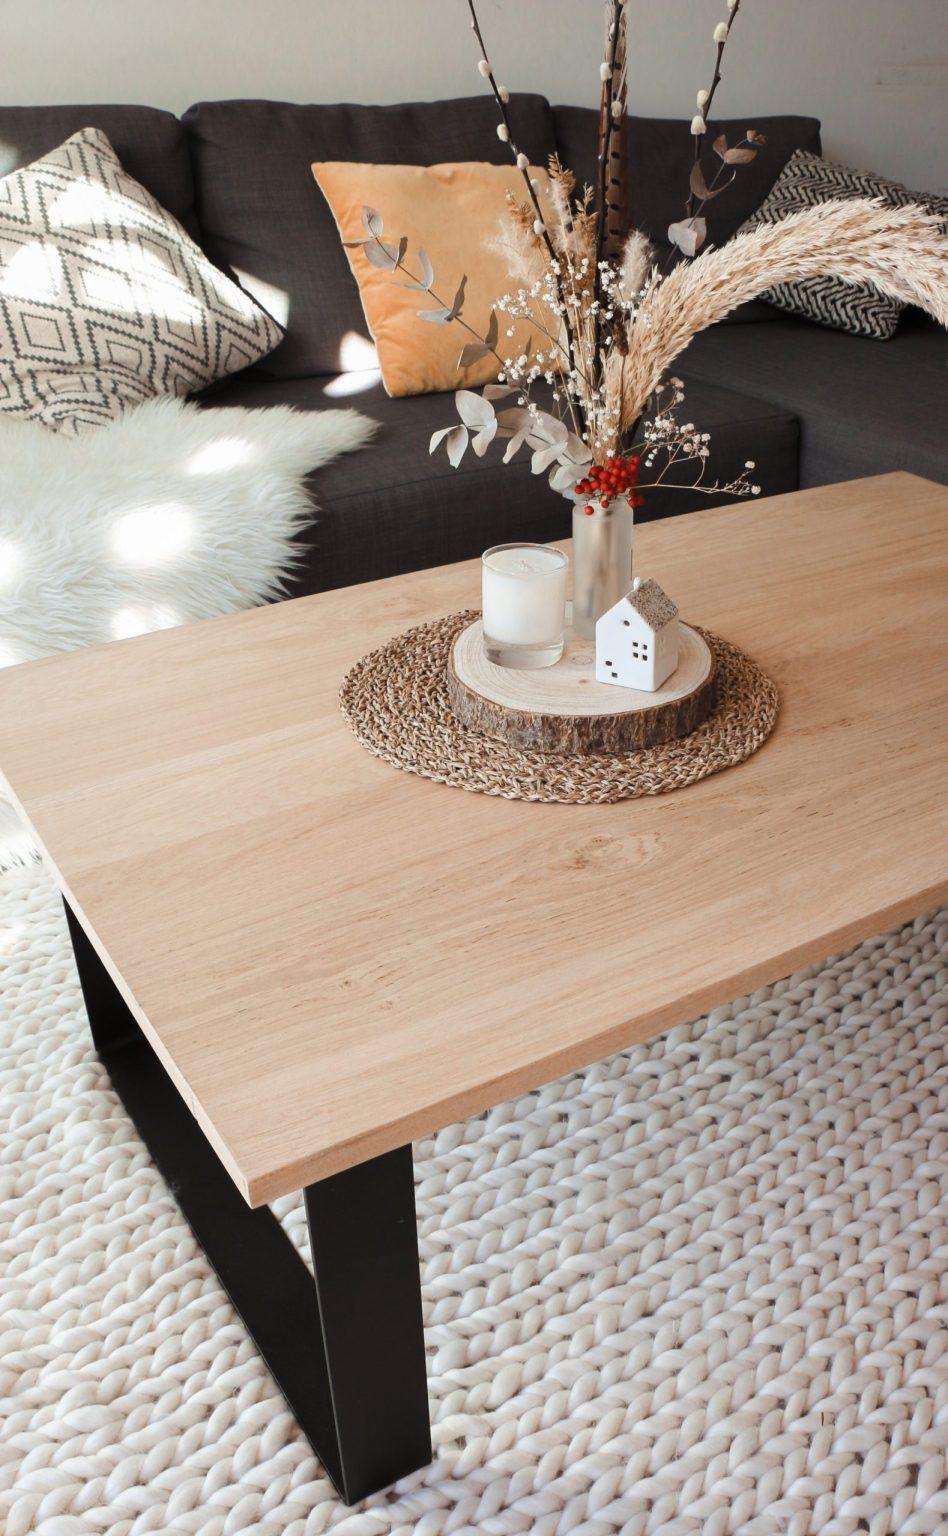 Comment Fabriquer Une Table Basse En Bois The Cocooning Factory En 2020 Fabriquer Une Table Basse En Bois Fabriquer Une Table Basse Table Basse